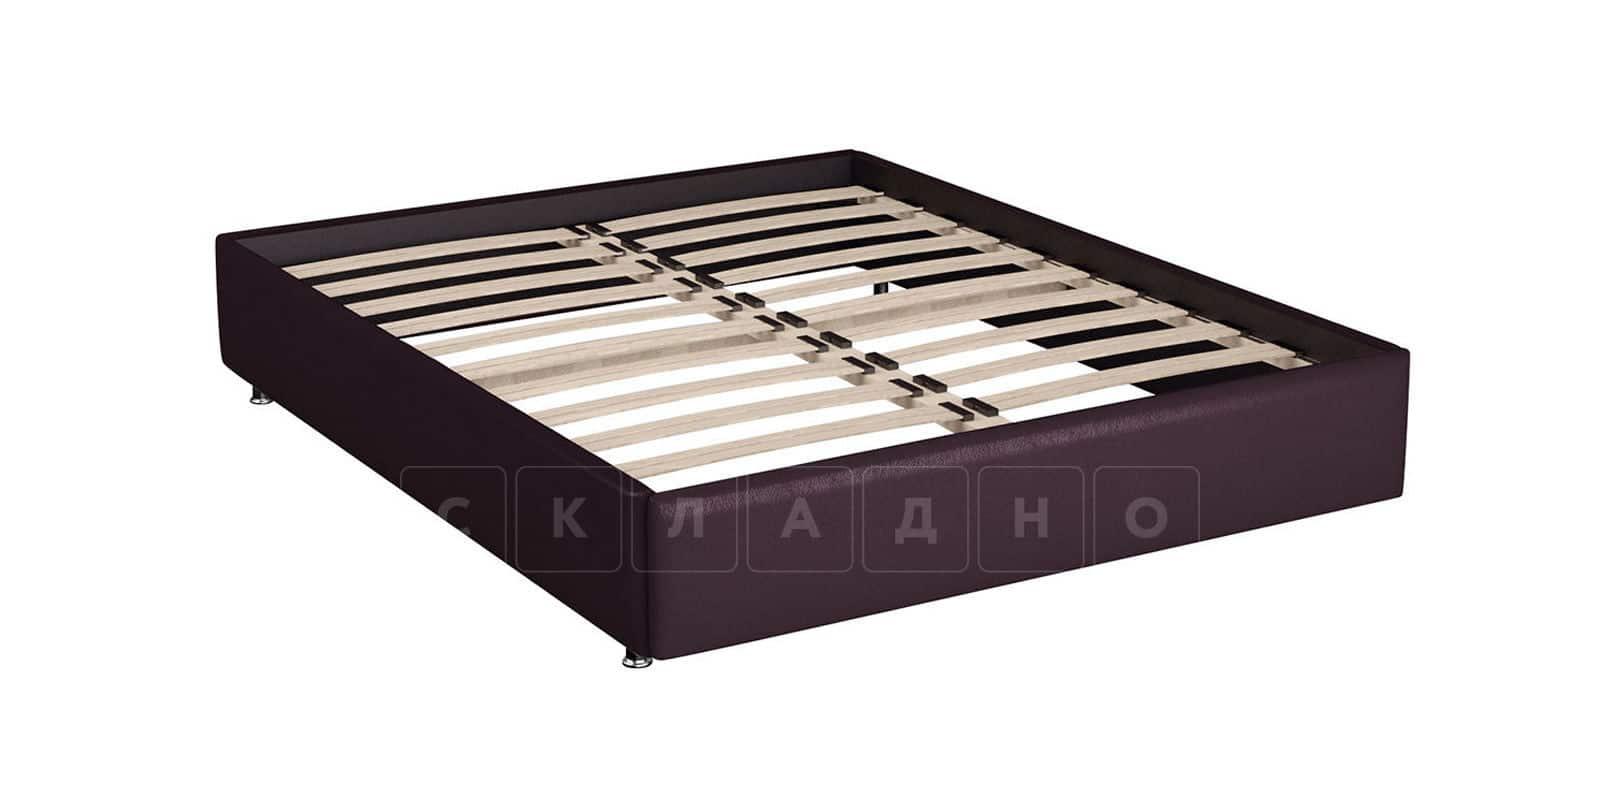 Мягкая кровать Малибу 160см экокожа бежевый-шоколад вариант 9-2 фото 6 | интернет-магазин Складно